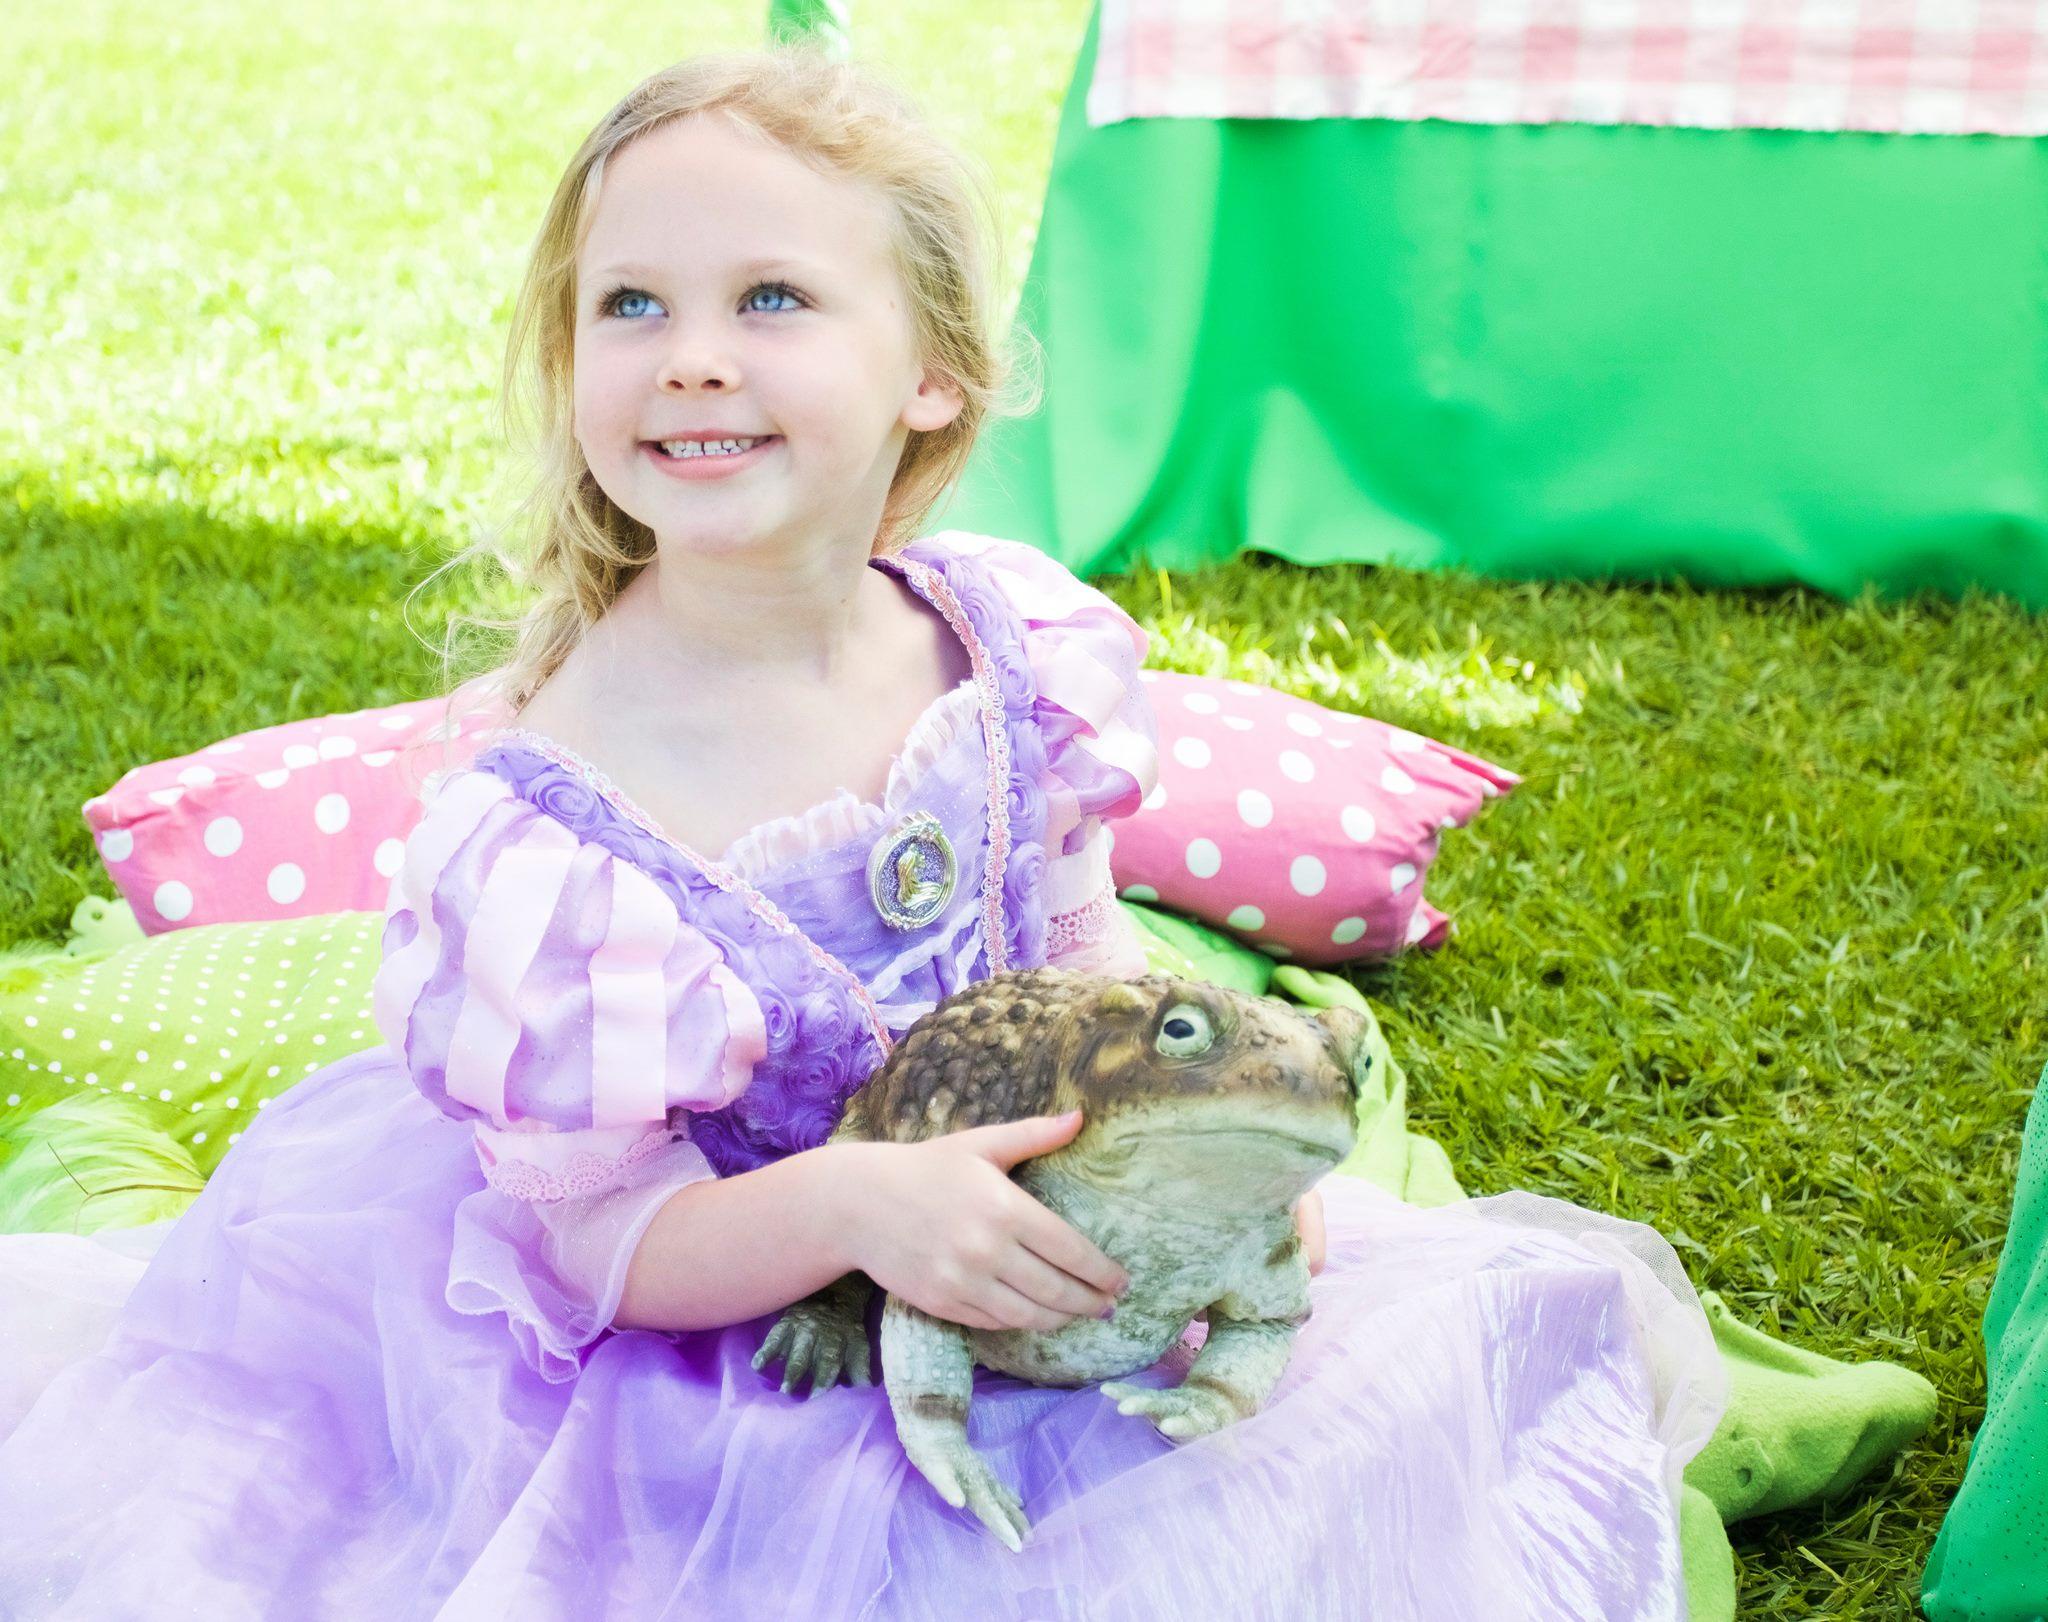 Princess Weekend at the Santa Barbara Zoo